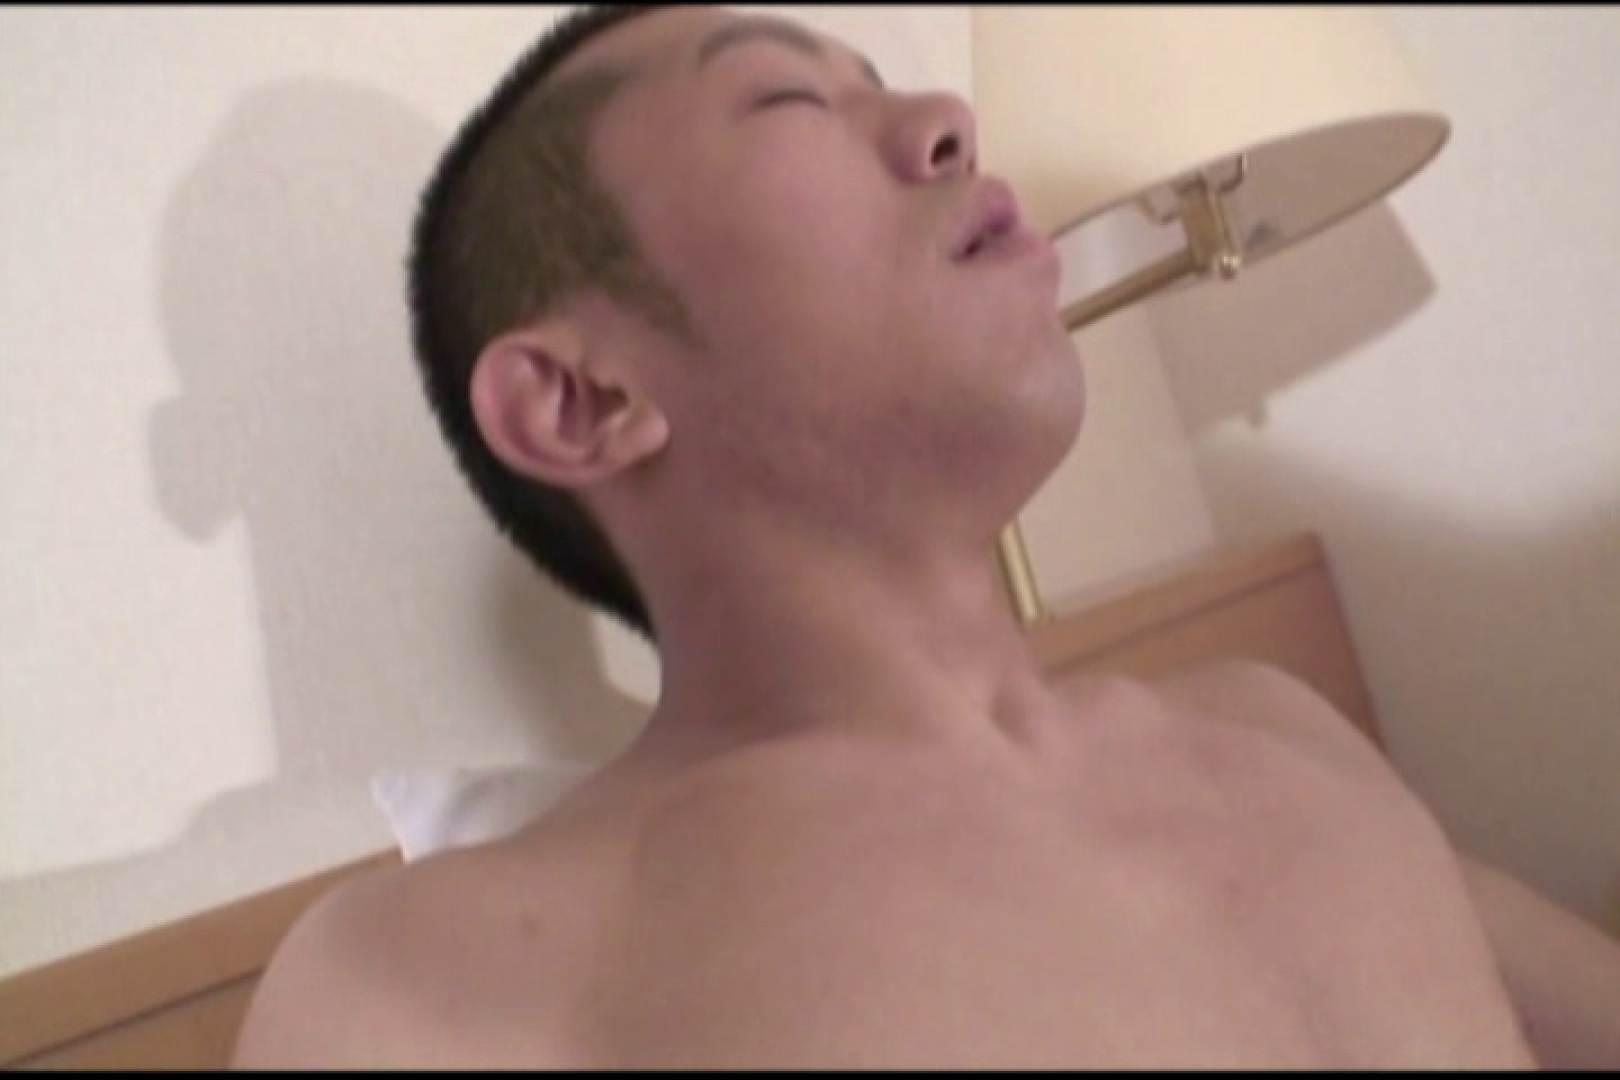 アナPさん投稿!目がパッチリなイケメンサル系男子の昇天劇。 完全無修正でお届け | イケメンのsex  107pic 92